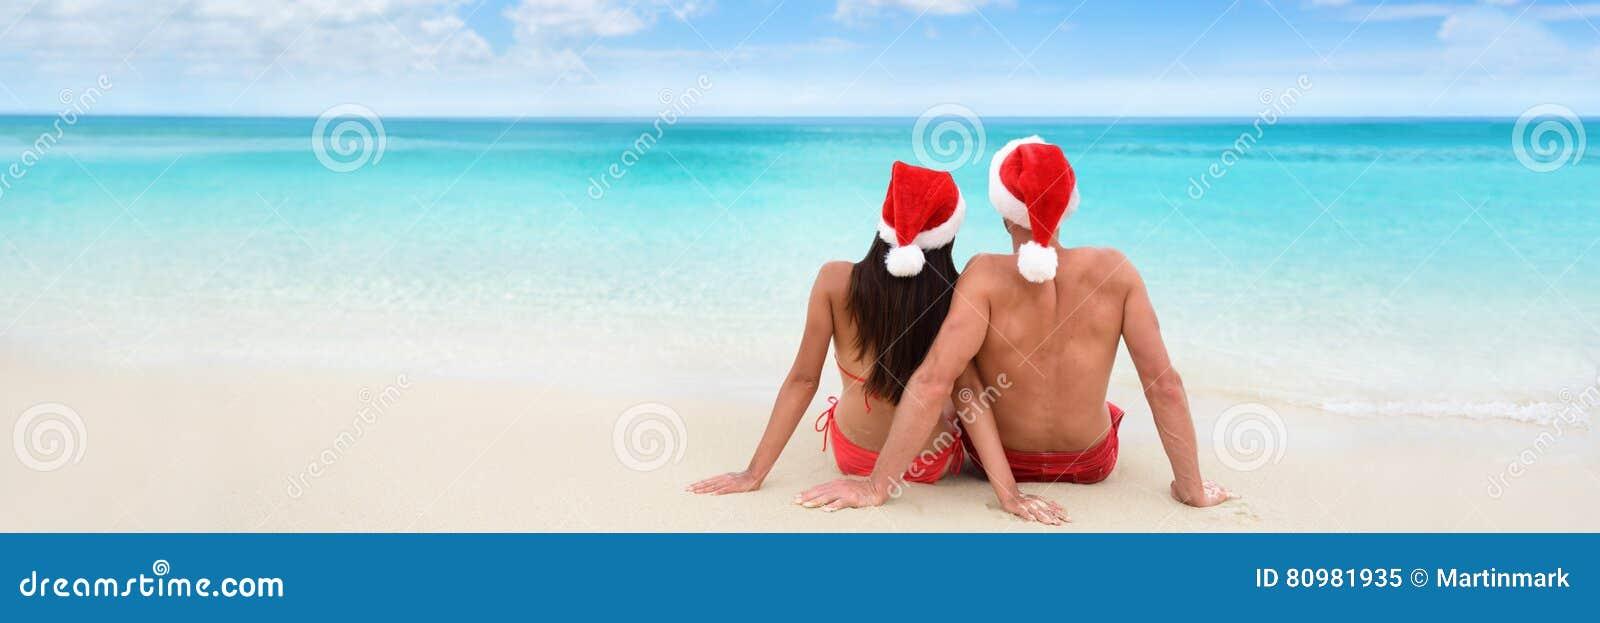 Bannière de couples de vacances de vacances de plage de Noël